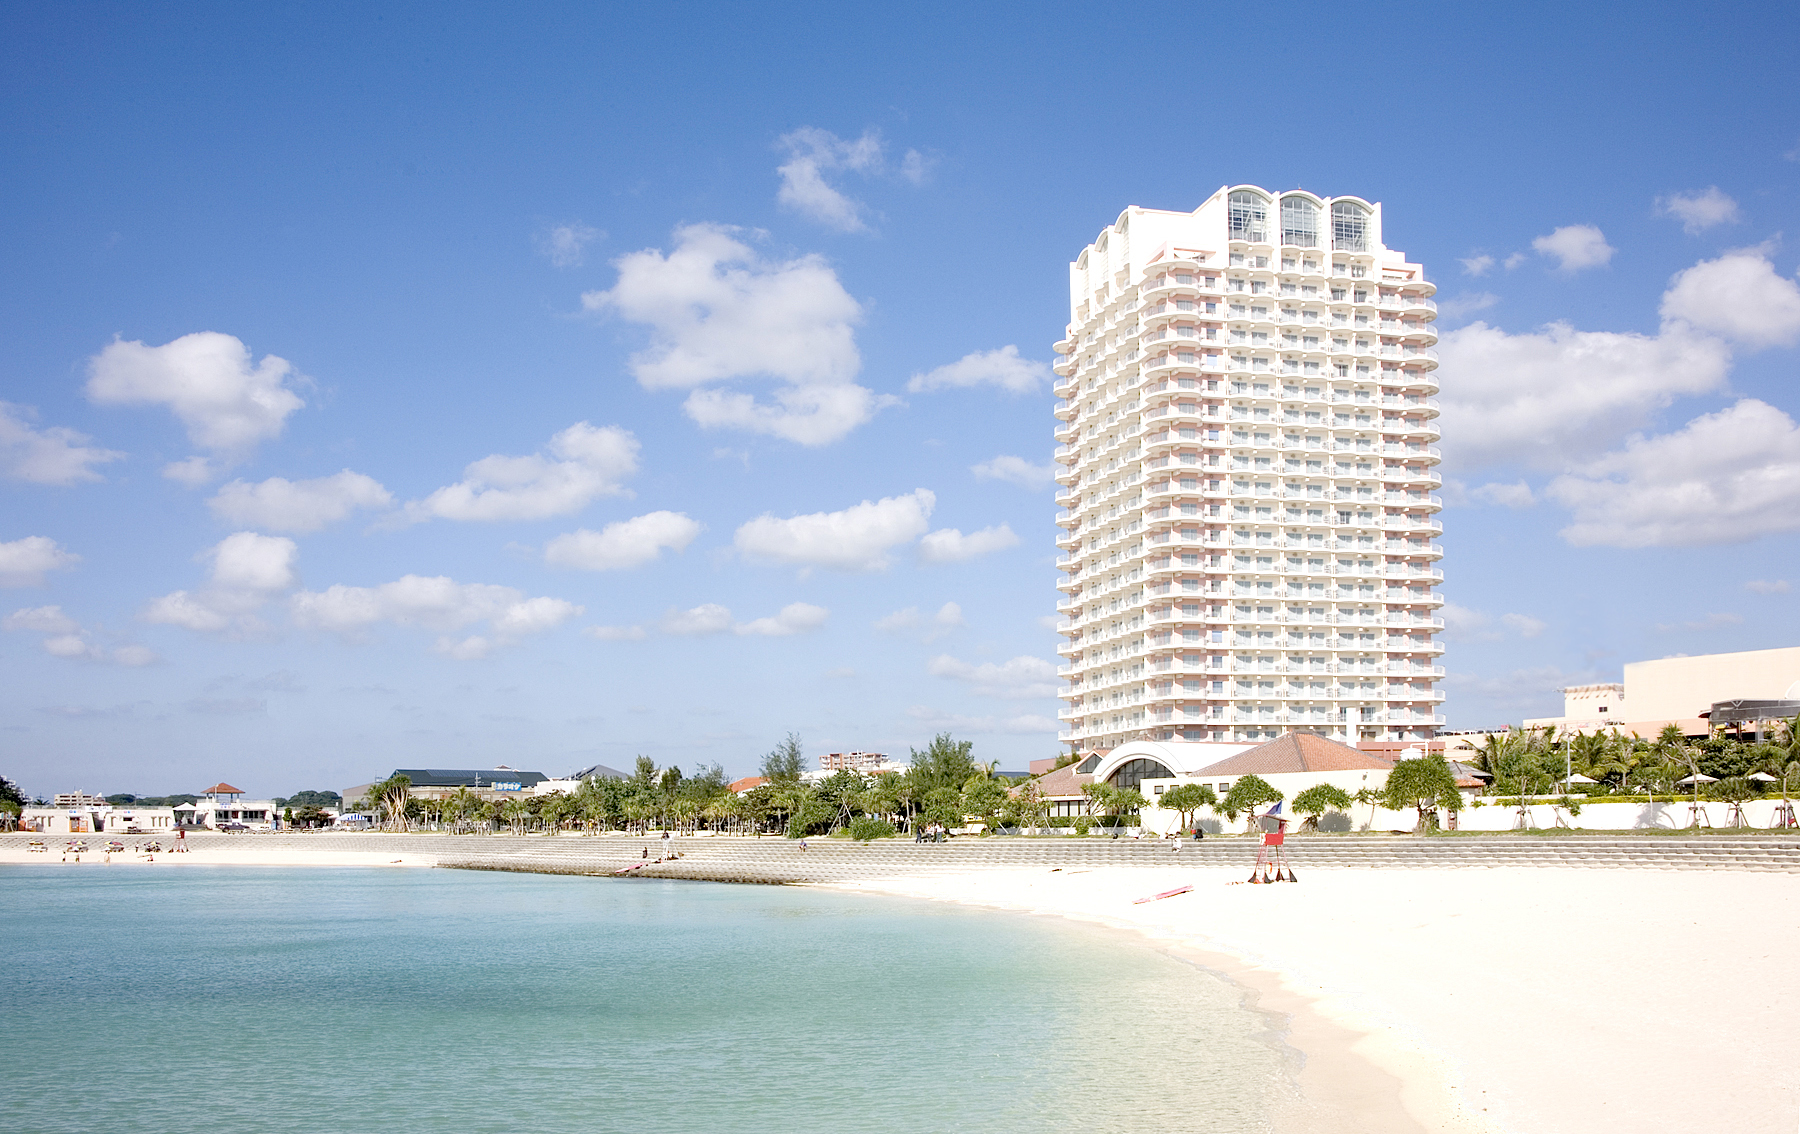 Beach Tower Resort Okinawa